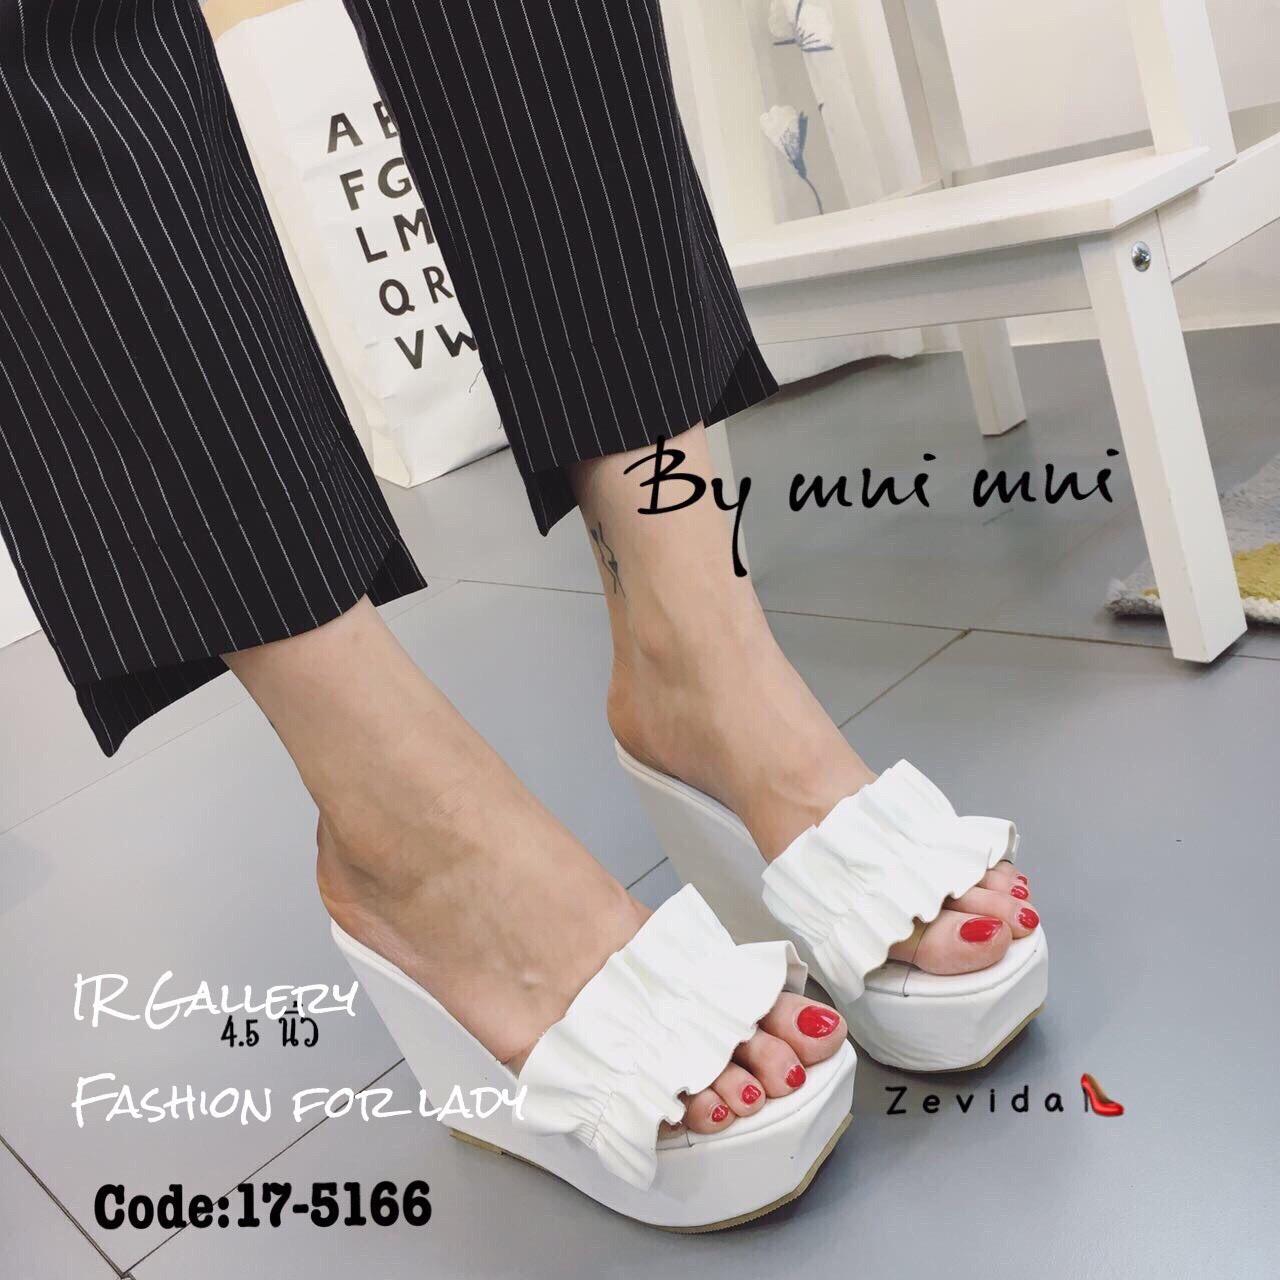 รองเท้าส้นเตารีดแฟชั่นห่อพียู (สีขาว)